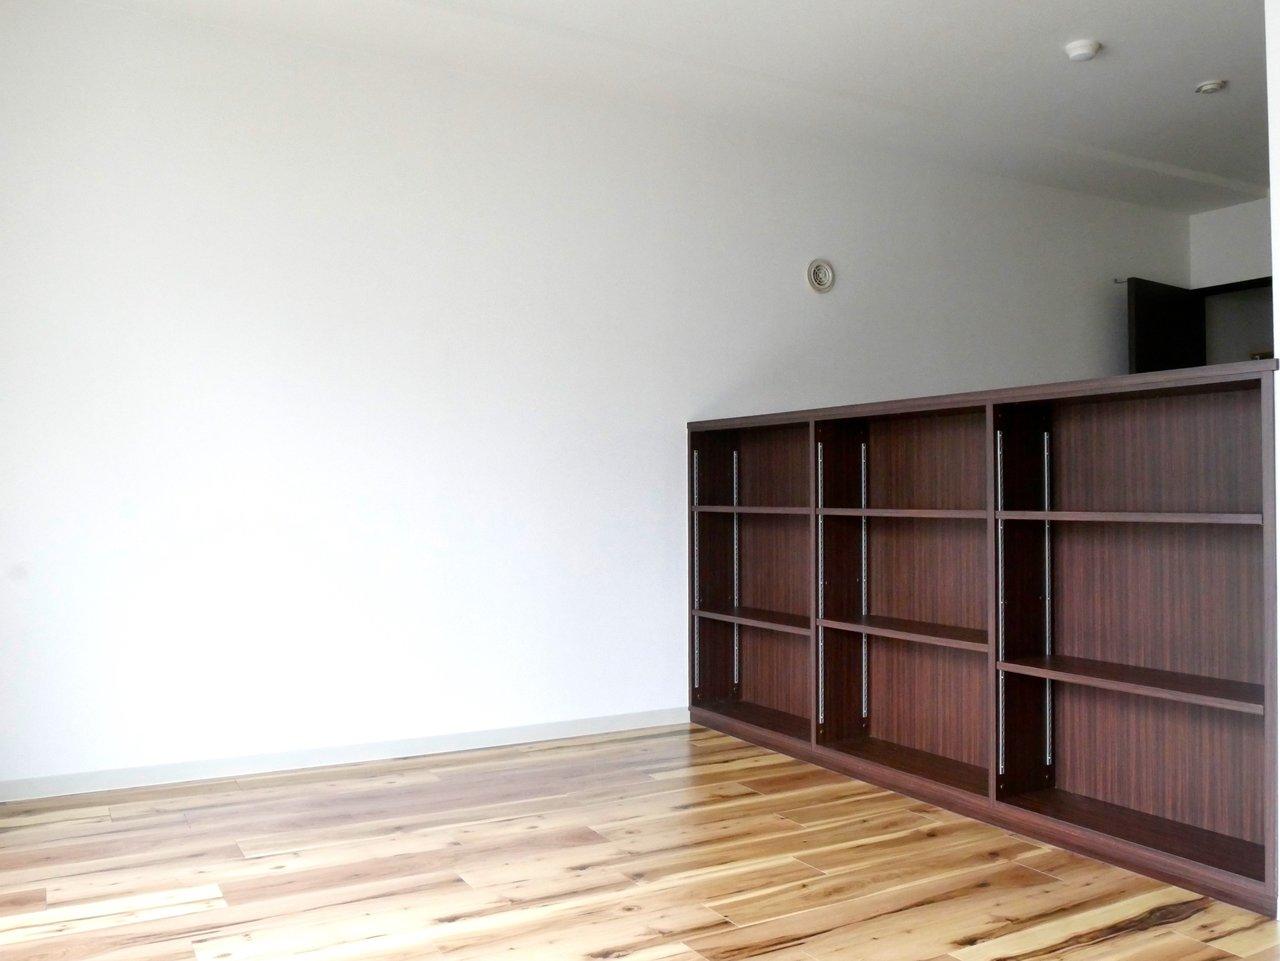 このように空間が仕切られています。仕切られてはいるけれど、天井部分はつながっているので、開放感が感じられる造りになっています。